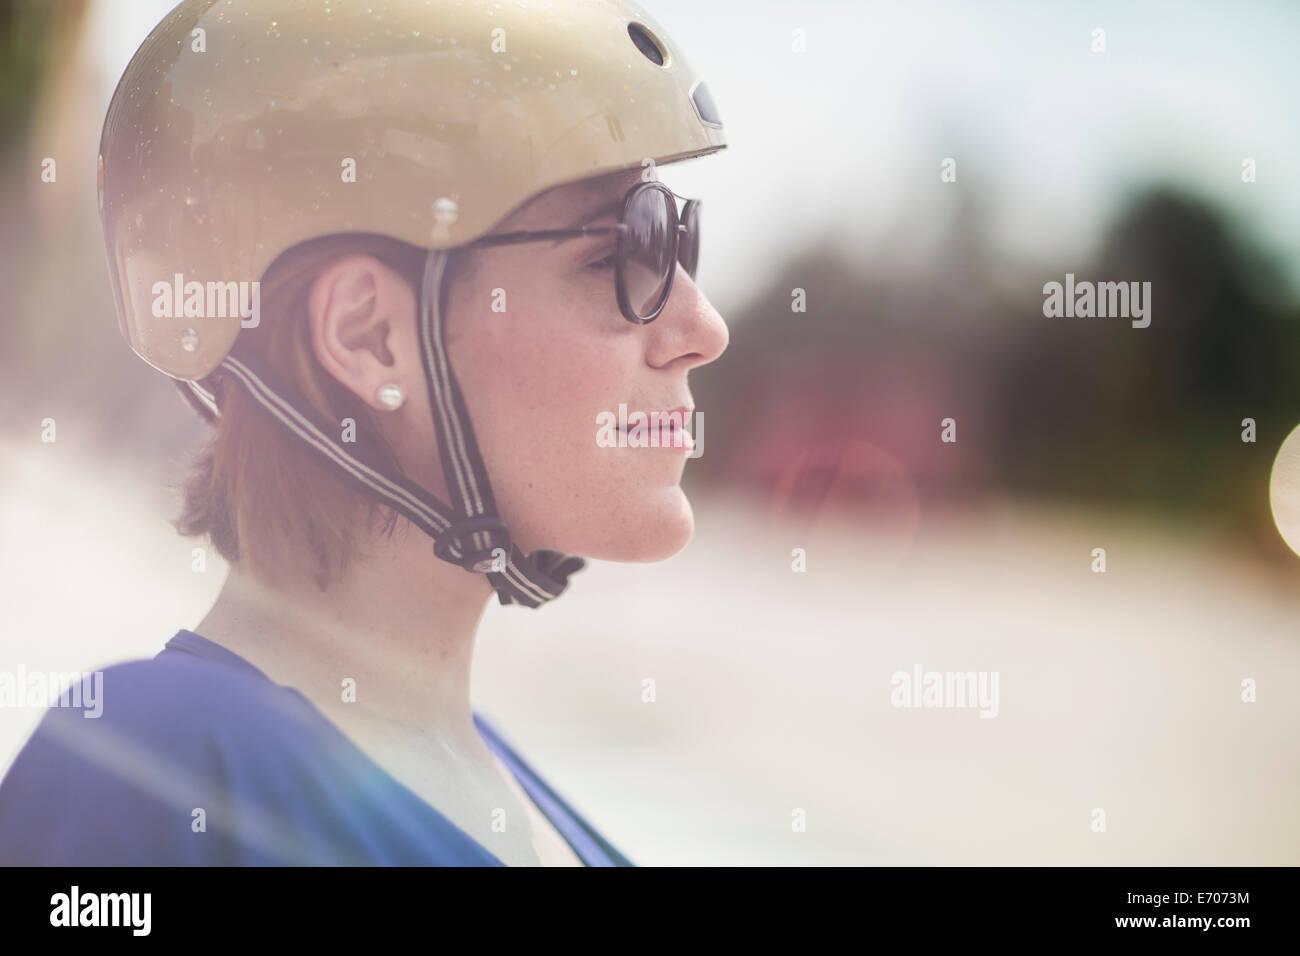 Nahaufnahme von Mitte Erwachsene Frau Radfahrer tragen Fahrradhelm und Sonnenbrillen Stockbild